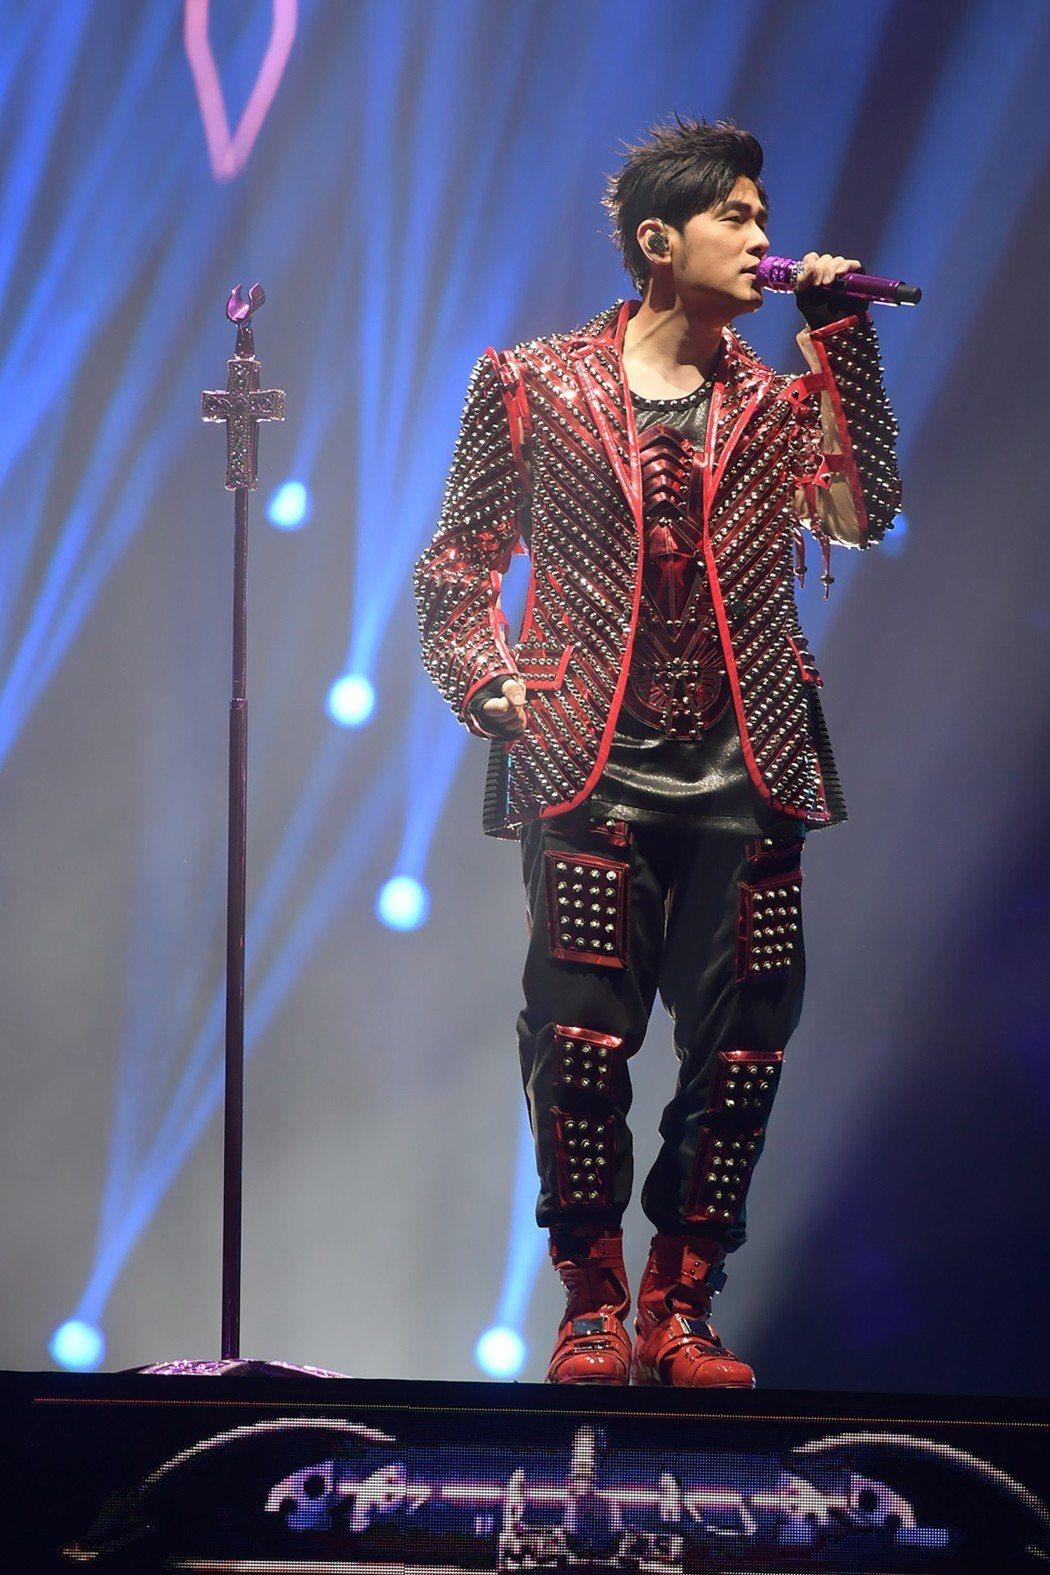 周杰倫在香港展開連10場「地表最強2」世界巡演,19日晚上開唱第5場。圖/摘自網...